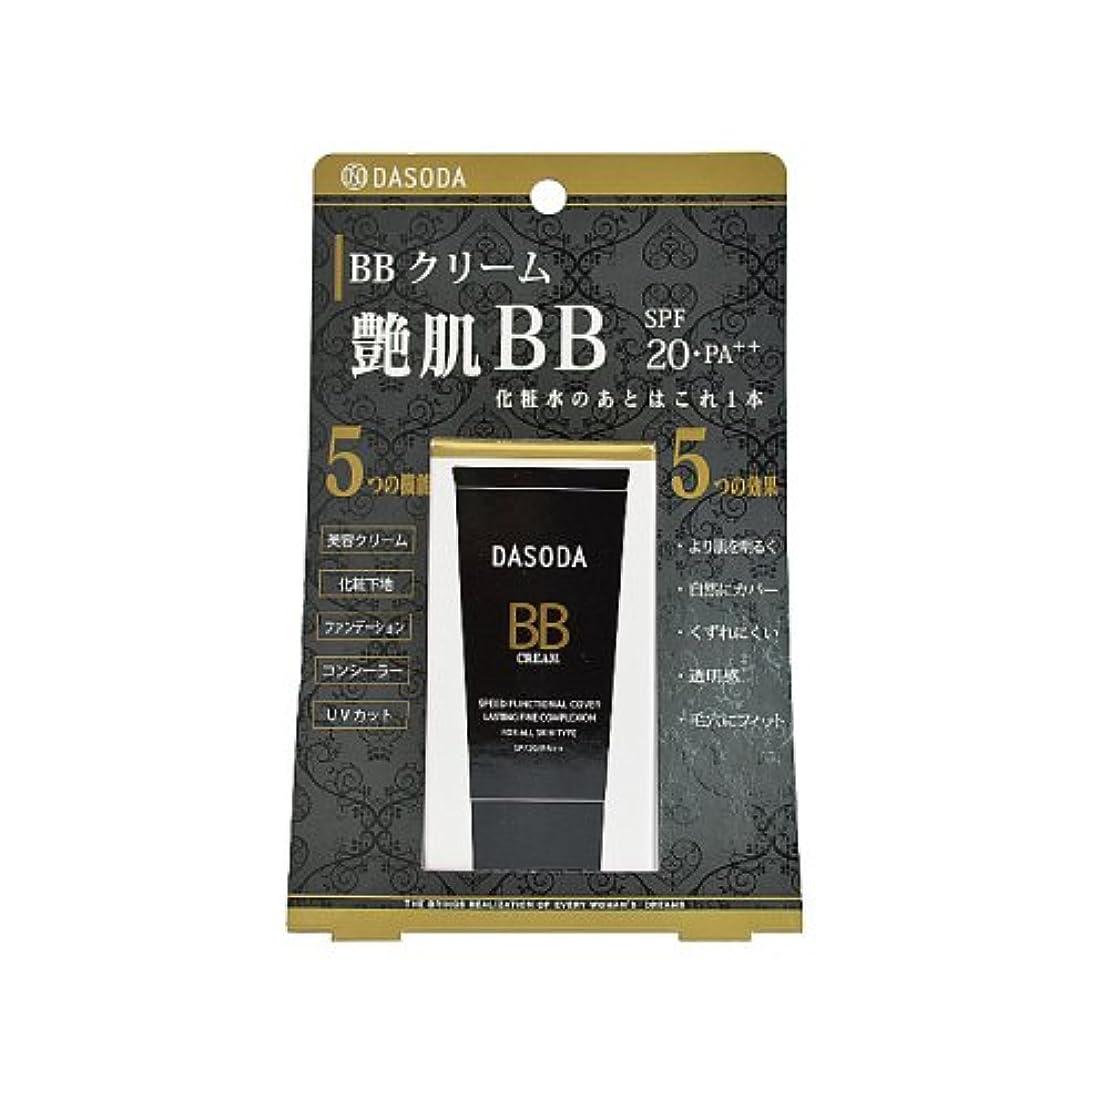 翻訳する衝動雇用者DASODA(ダソダ) FC BB クリーム